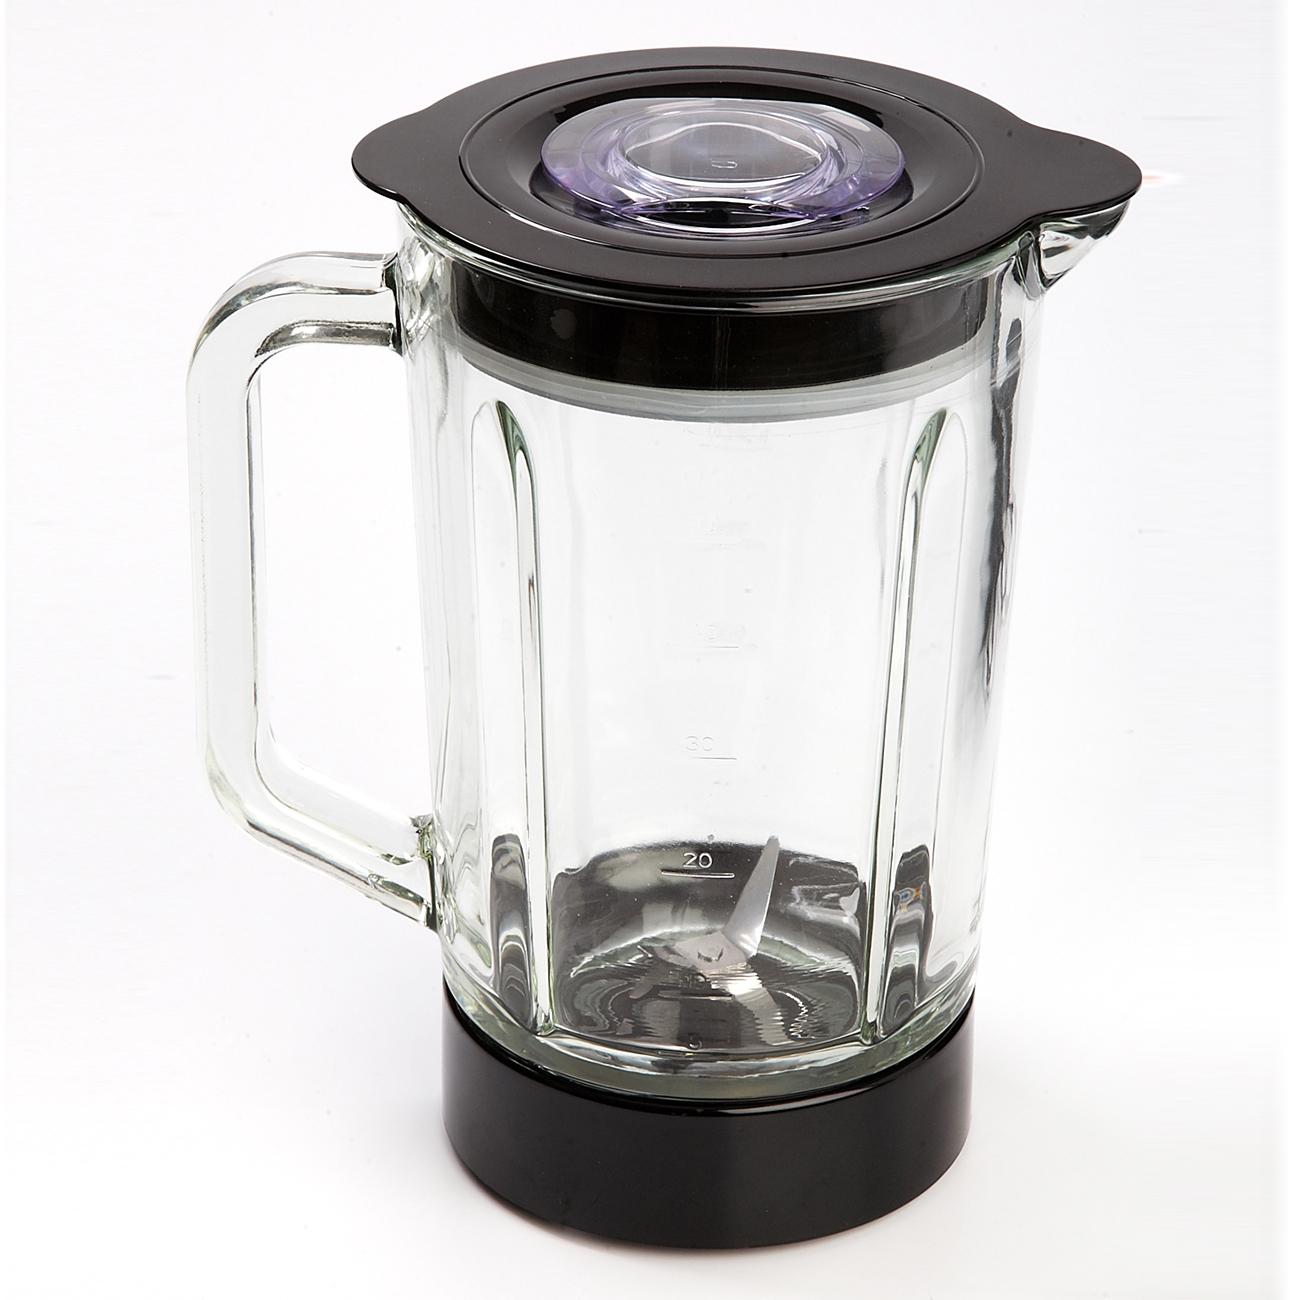 Camry CR 4050 Batidora Americana de Vaso cristal 1,5 litros, 2 velocidades, cuchillas acero inoxidable, 500W